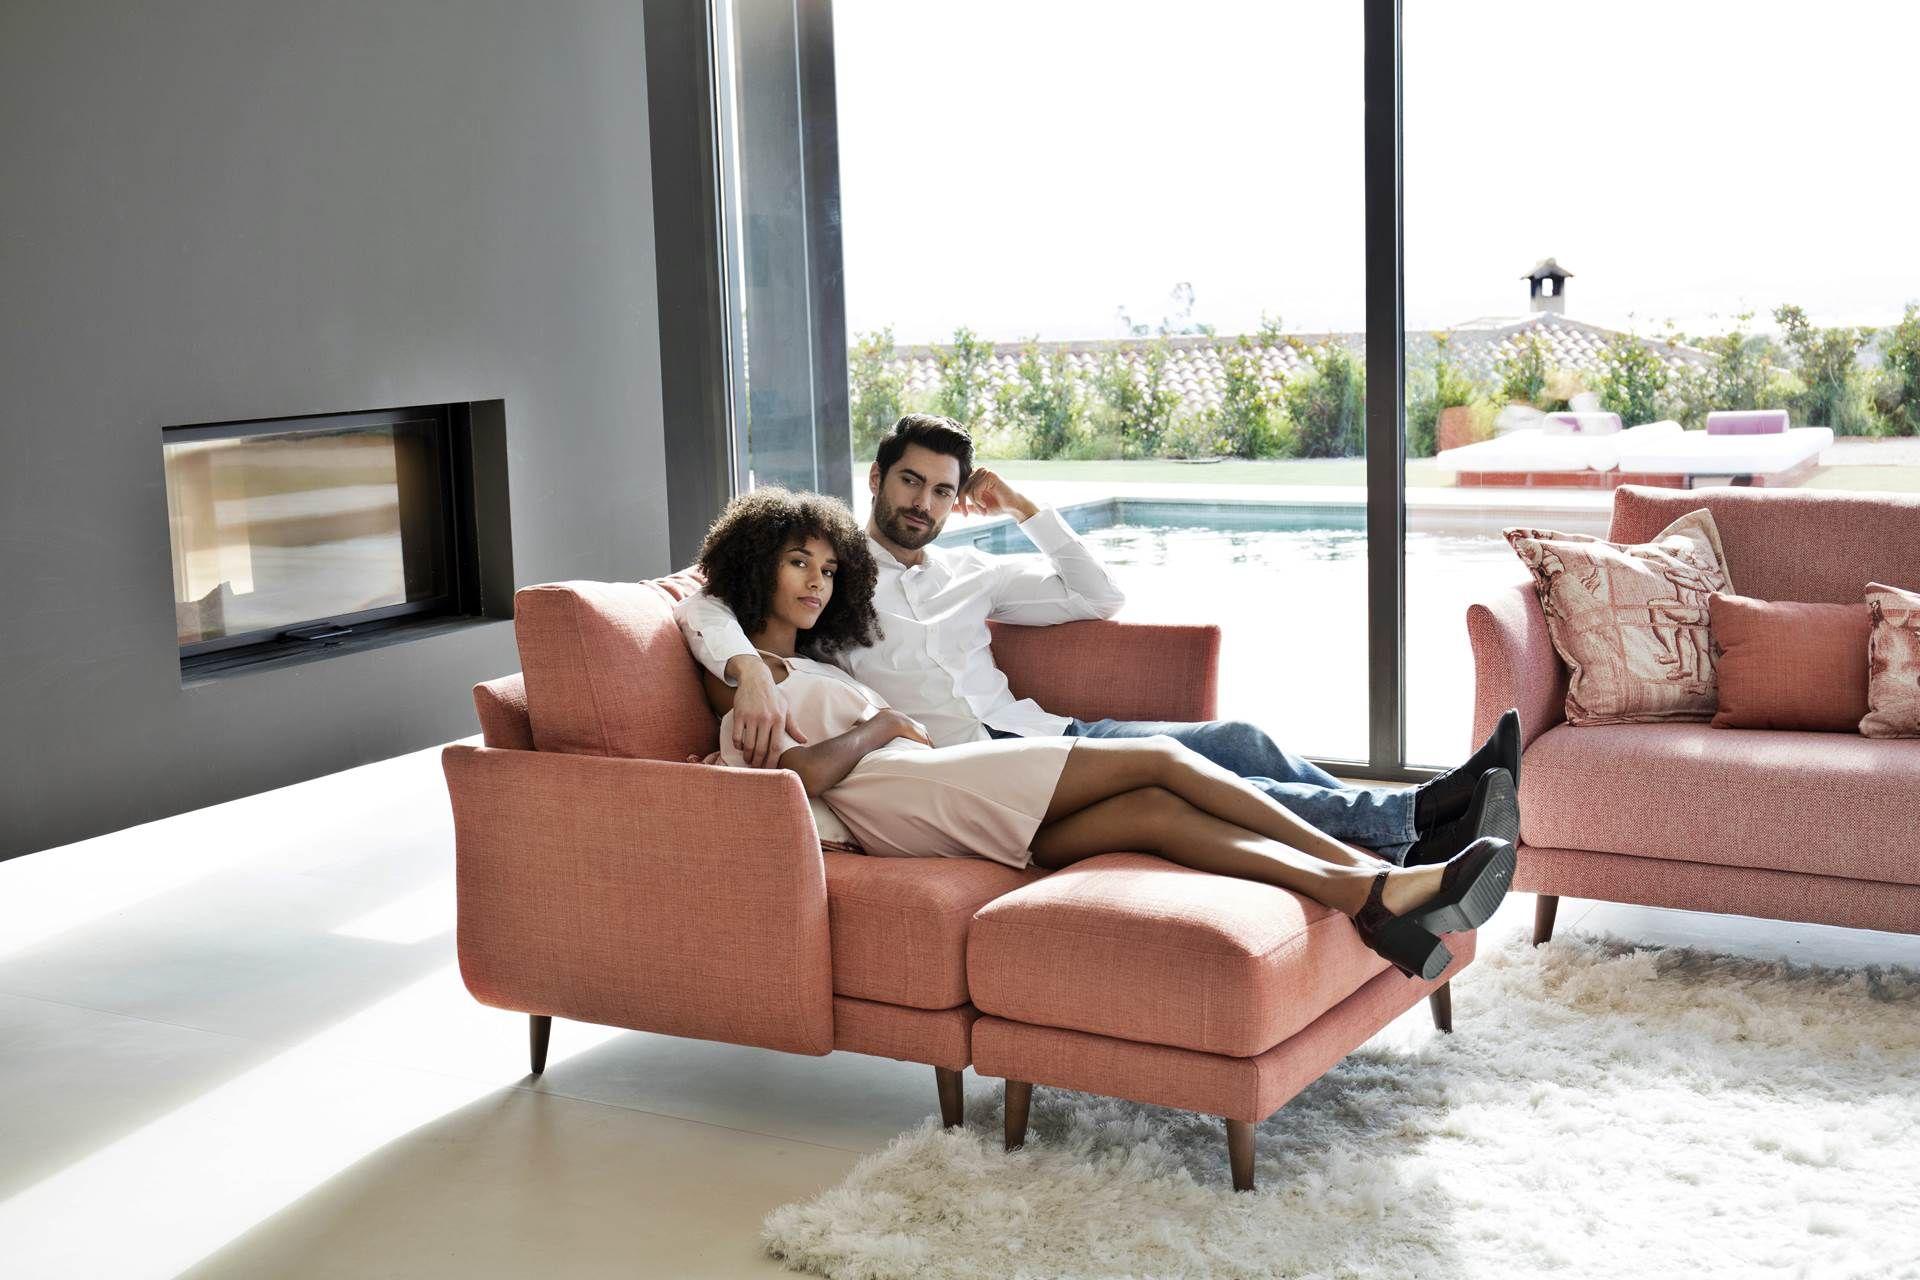 Ce Fauteuil 2 Places 1 Accoudoir Haut Et 1 Accoudoir Bas Allie Parfaitement Modernite Et Tradition Home Sofa Furniture